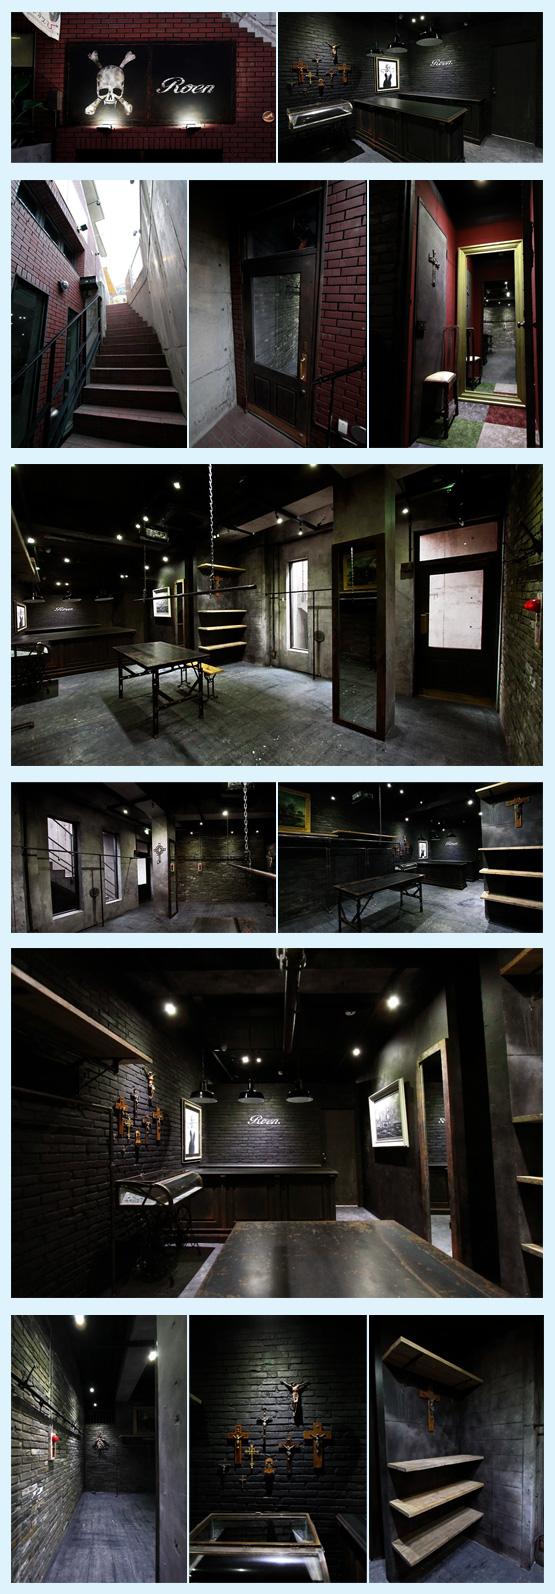 アパレル・ショップ・物販店 内装デザイン事例2